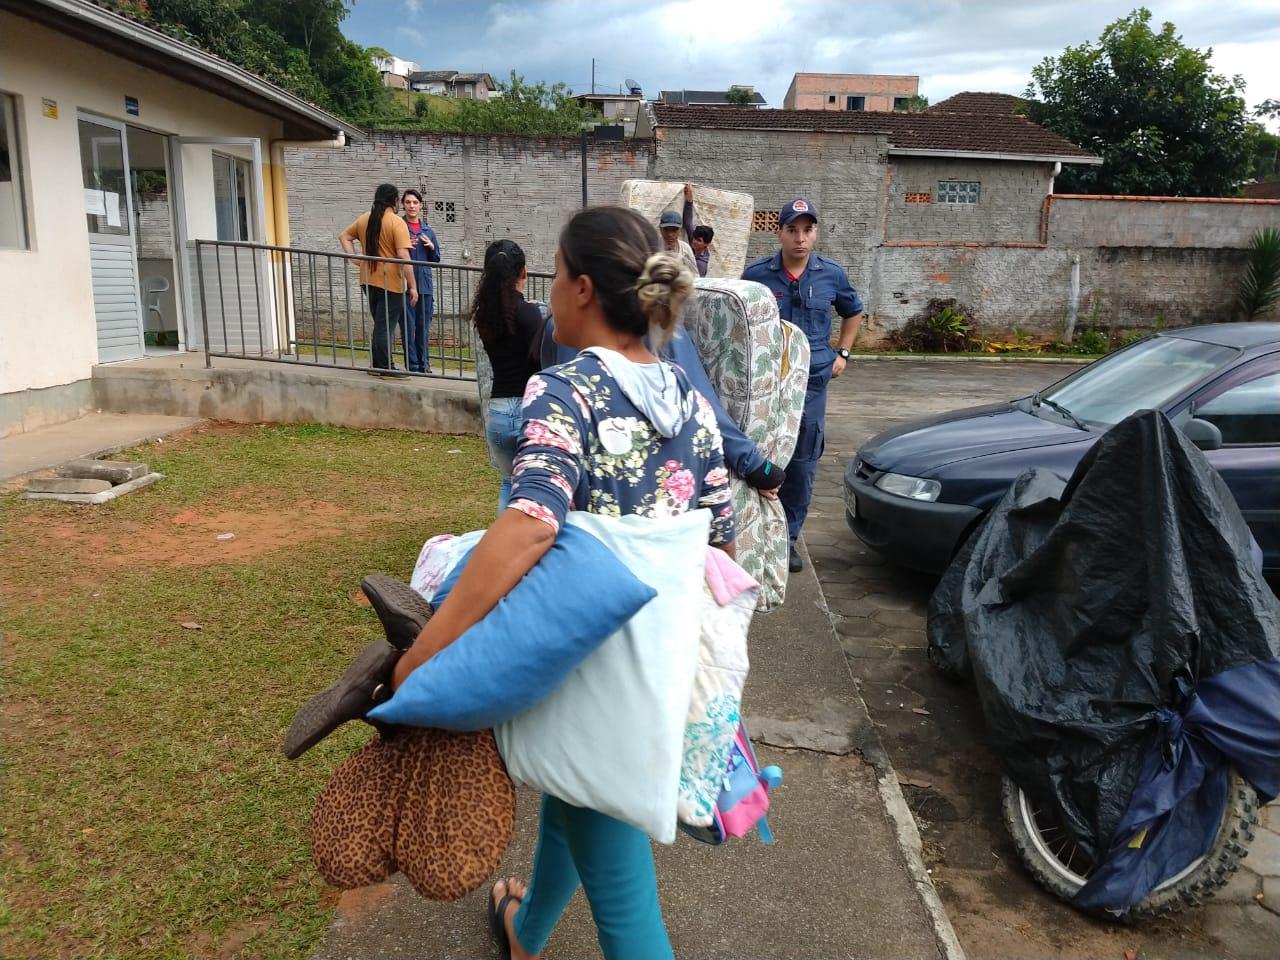 Moradores tiveram 30 minutos para retirar pertences | Foto: Fábio Junkes/OCP